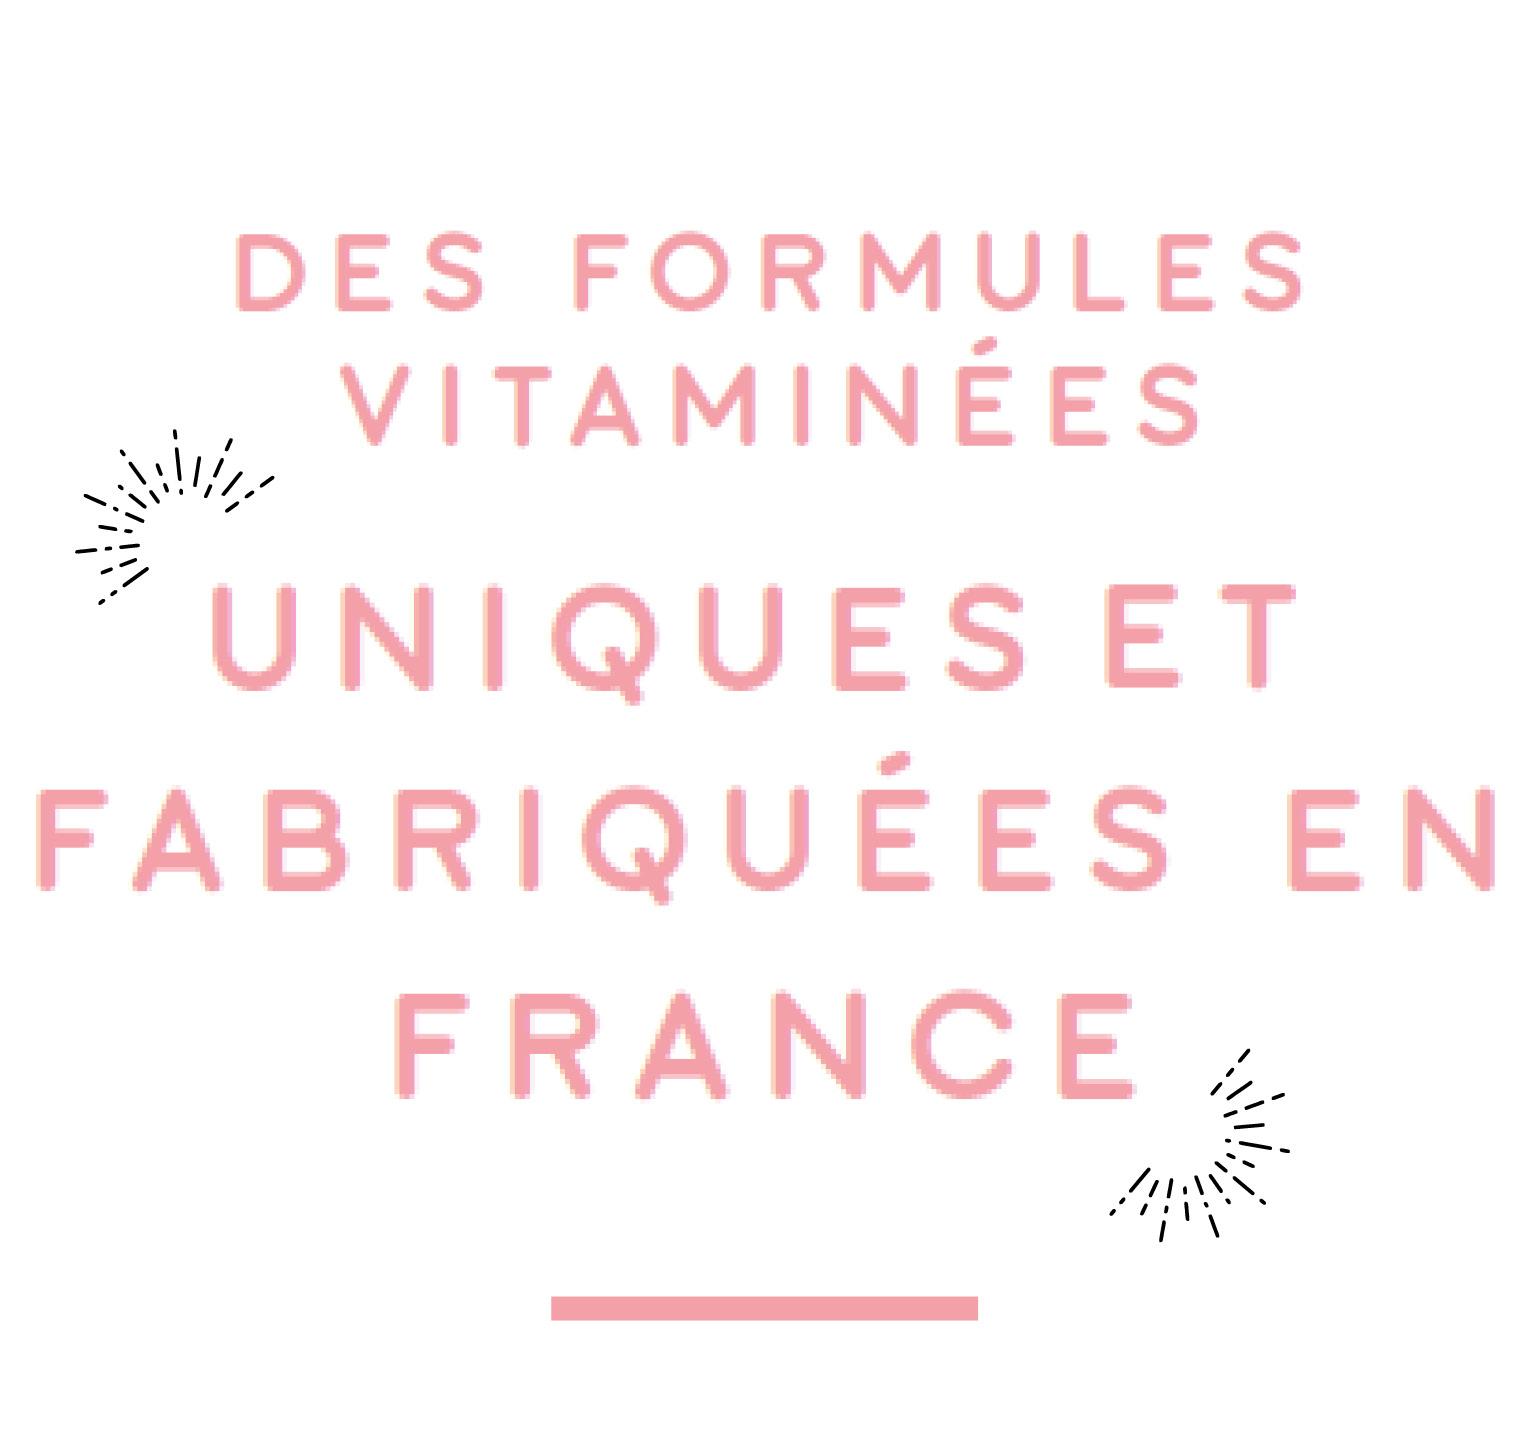 formules vitaminées